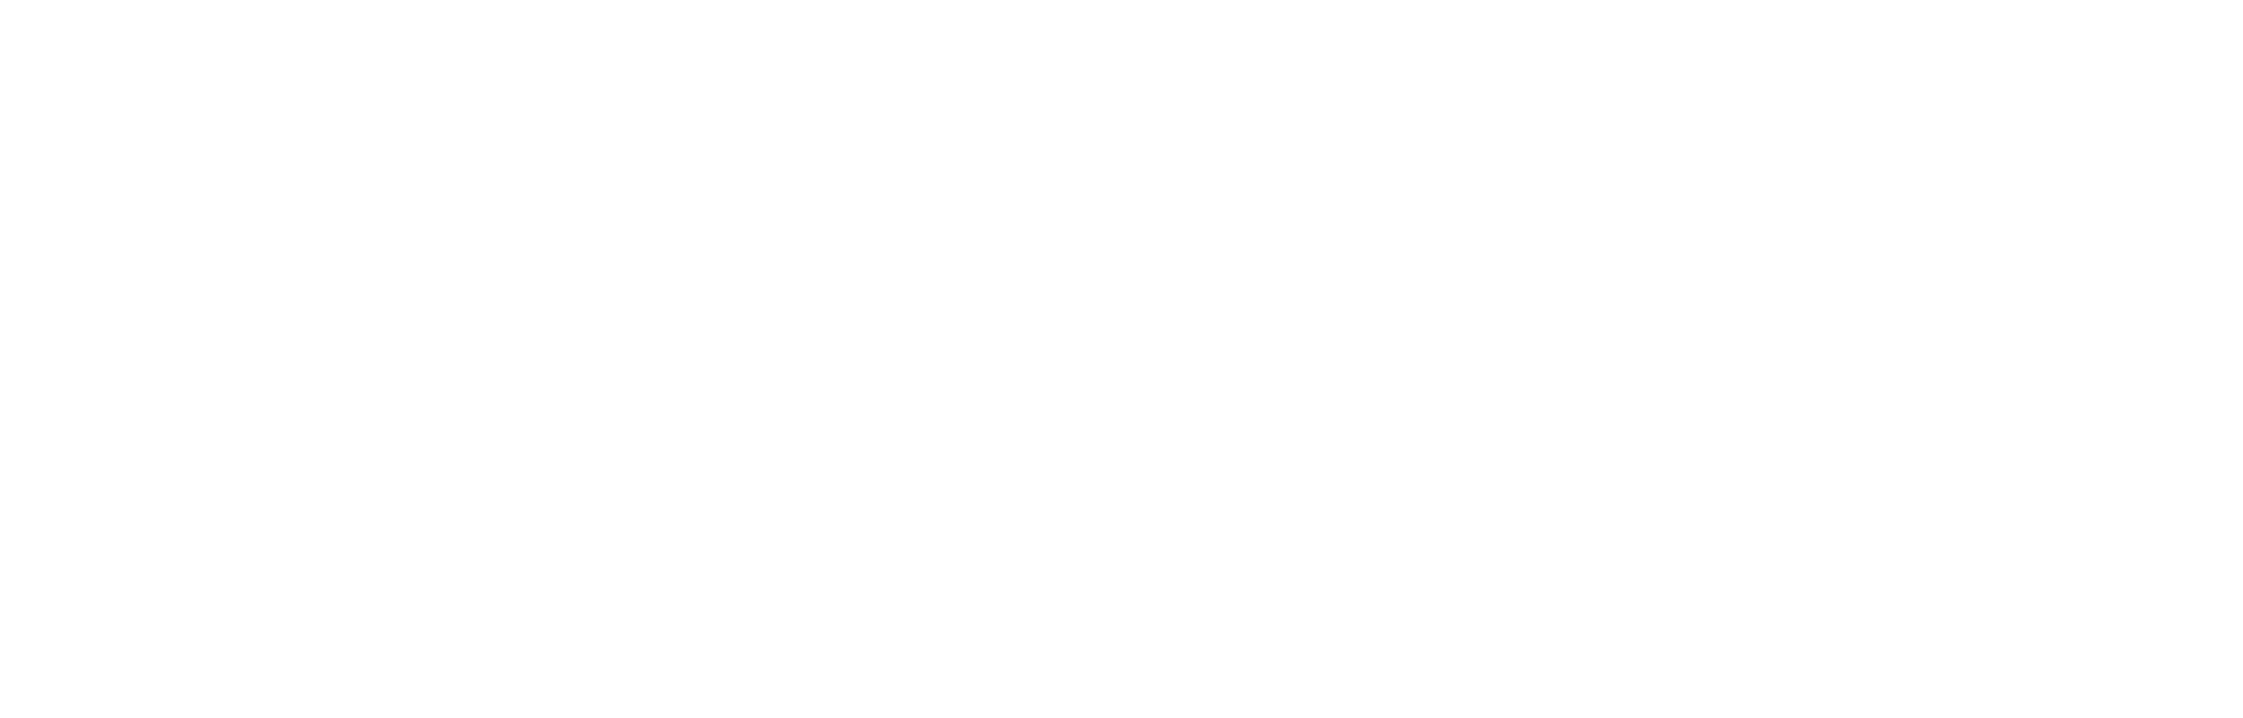 Microbide_RGB_logo-REV.png